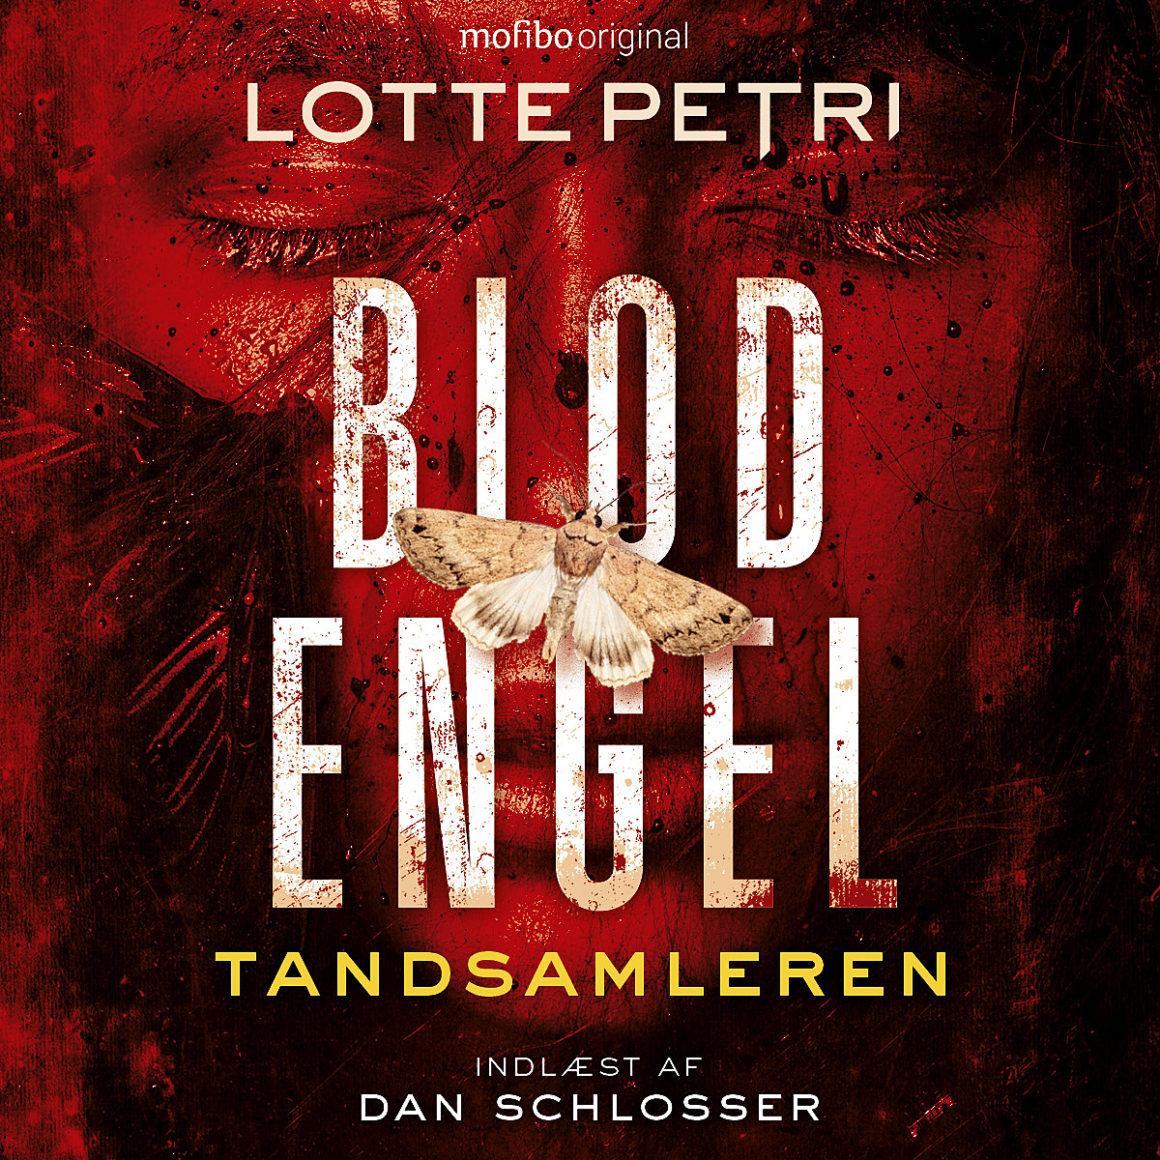 Lotte Petri Blodengel - 1. sæson - Tandsamleren